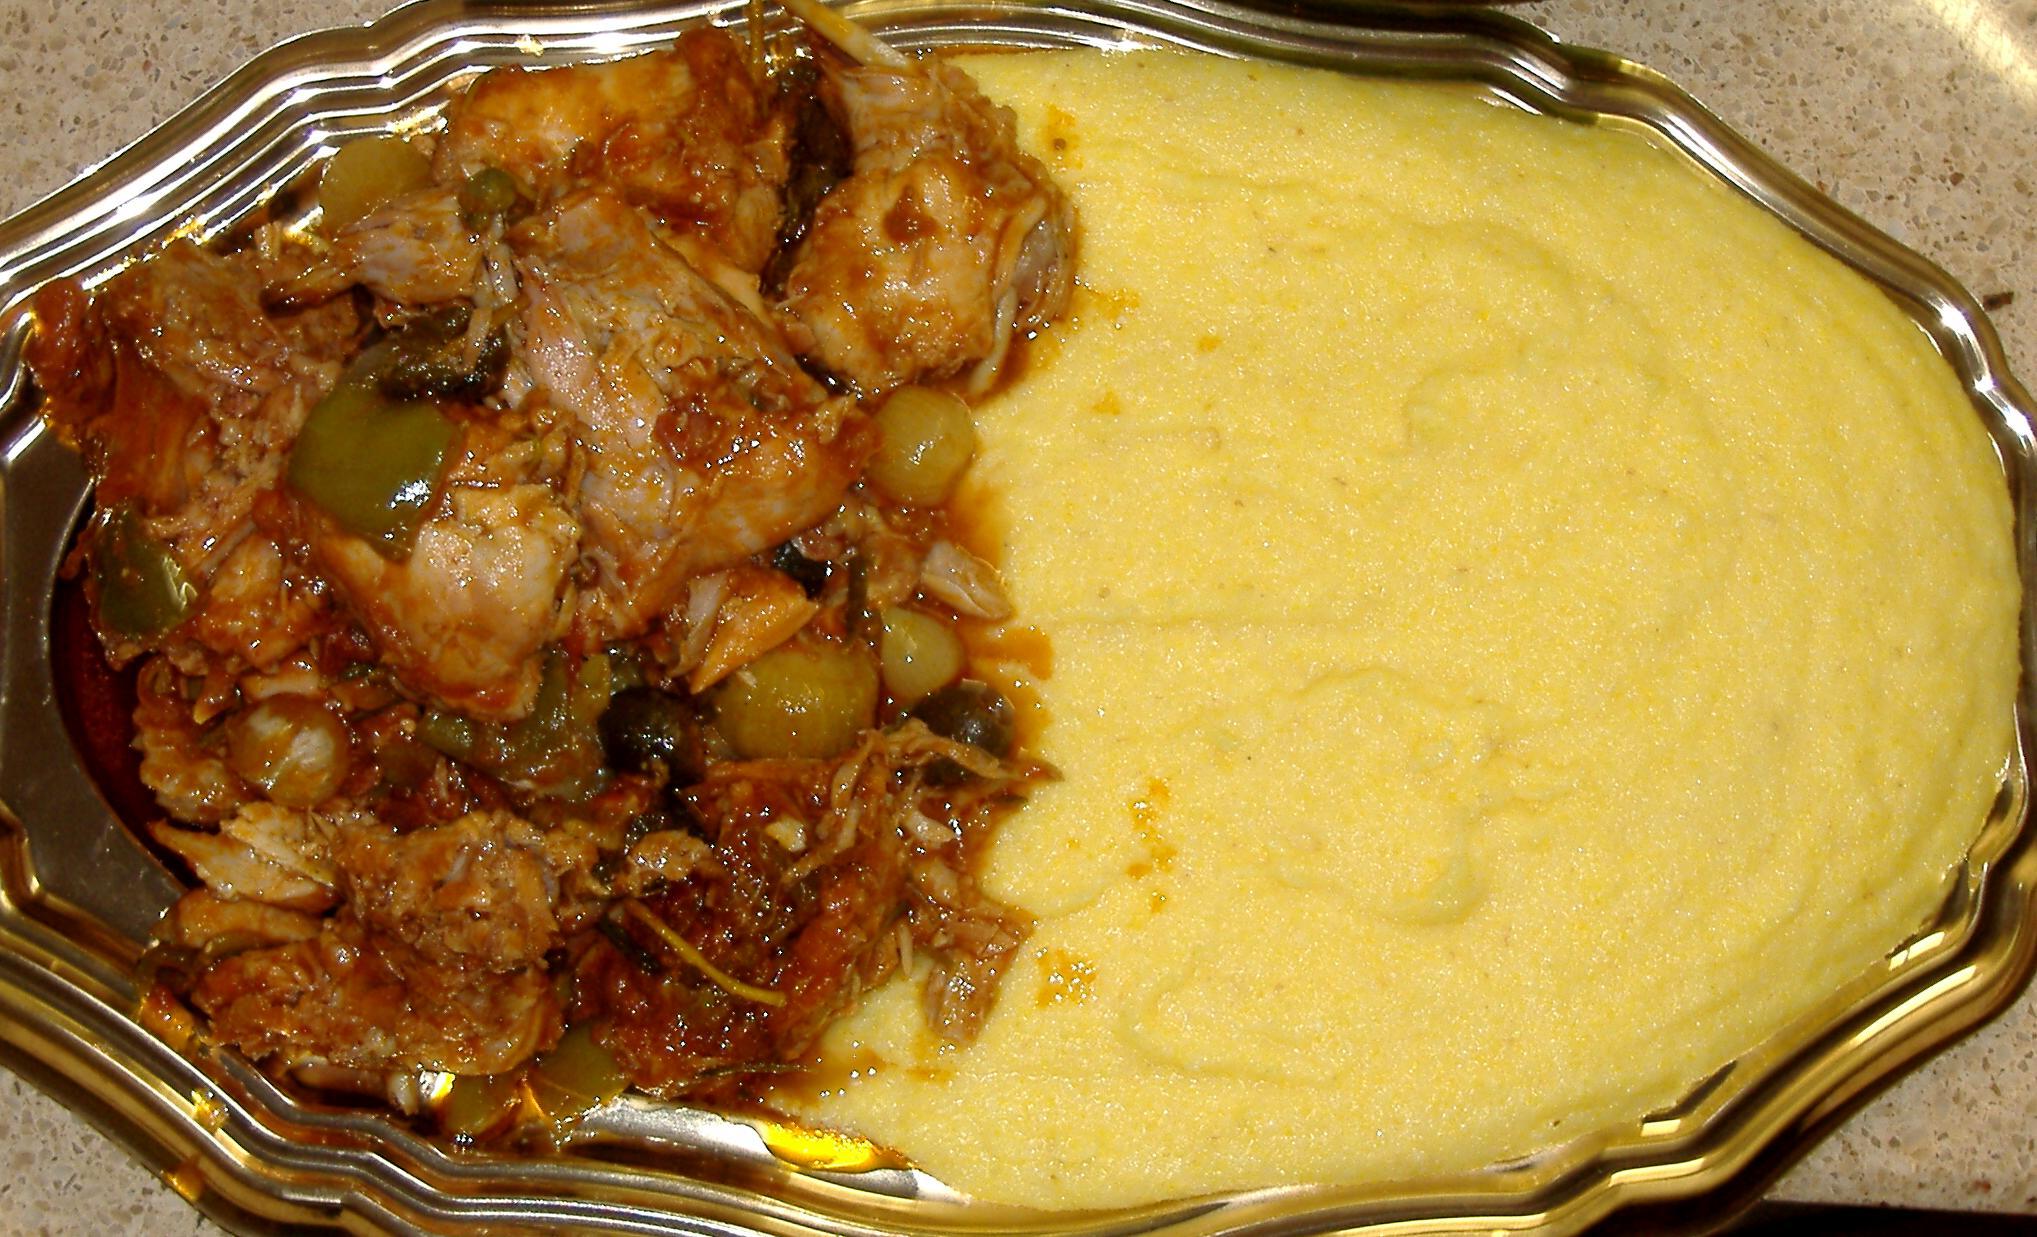 File:Coniglio e polenta 01.JPG - Wikipedia